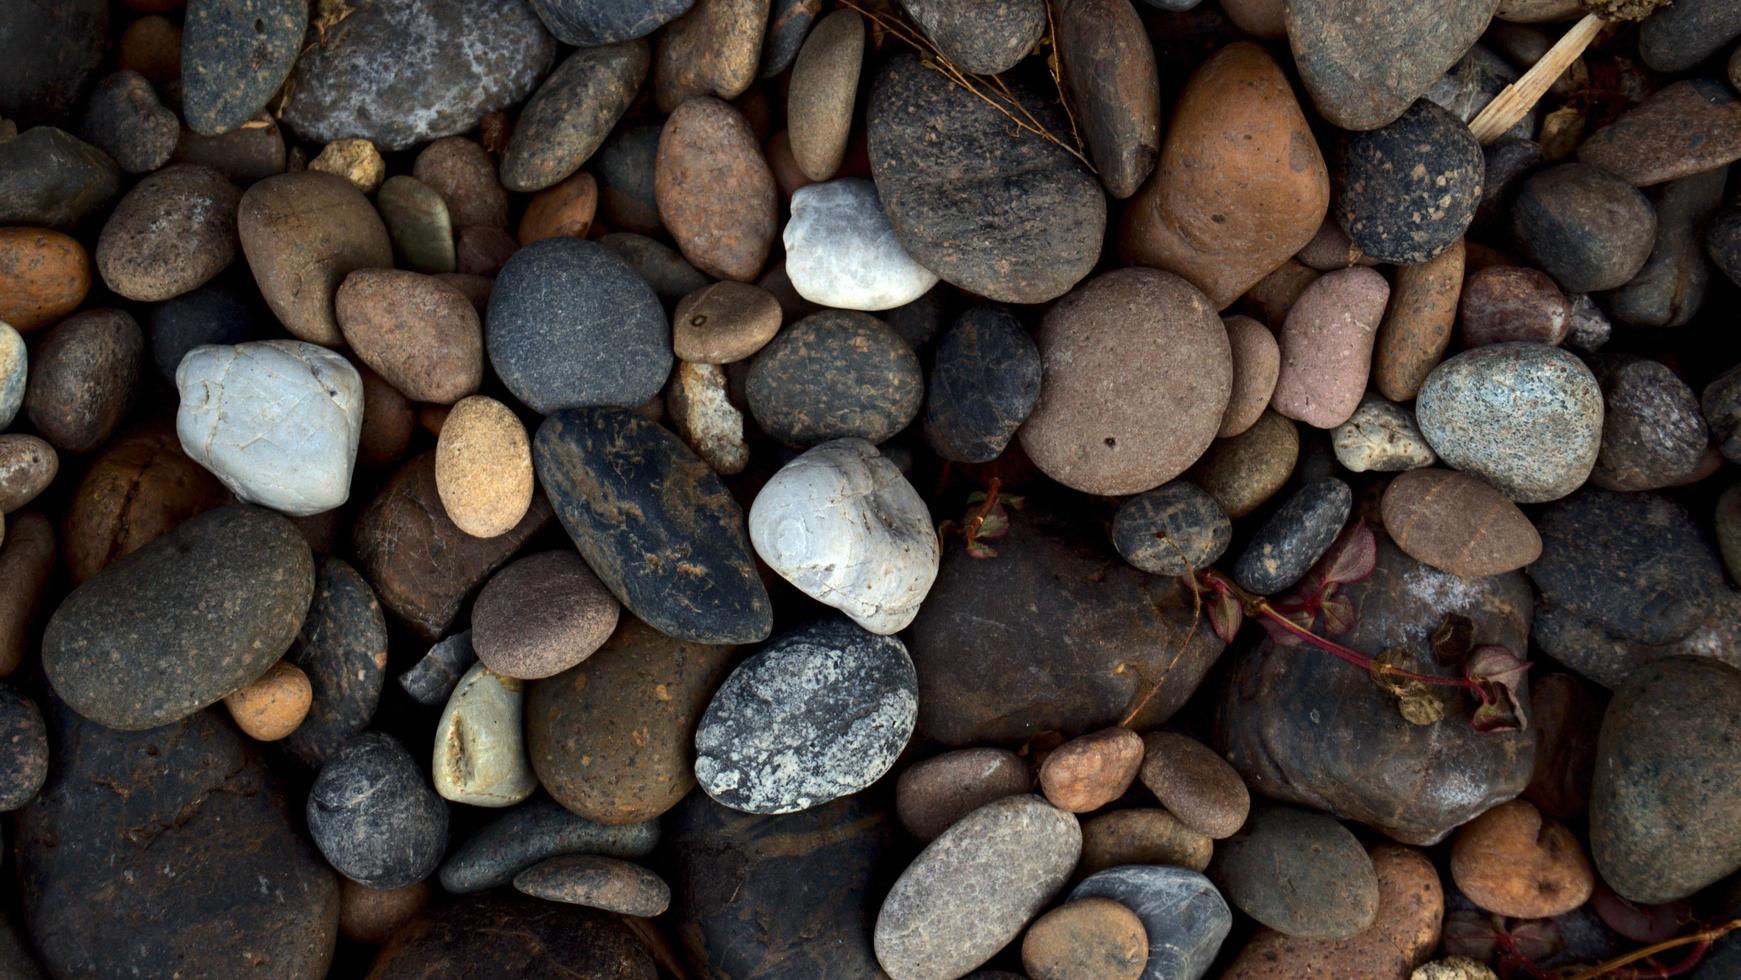 natürliche mehrfarbige Kieselsteine foto